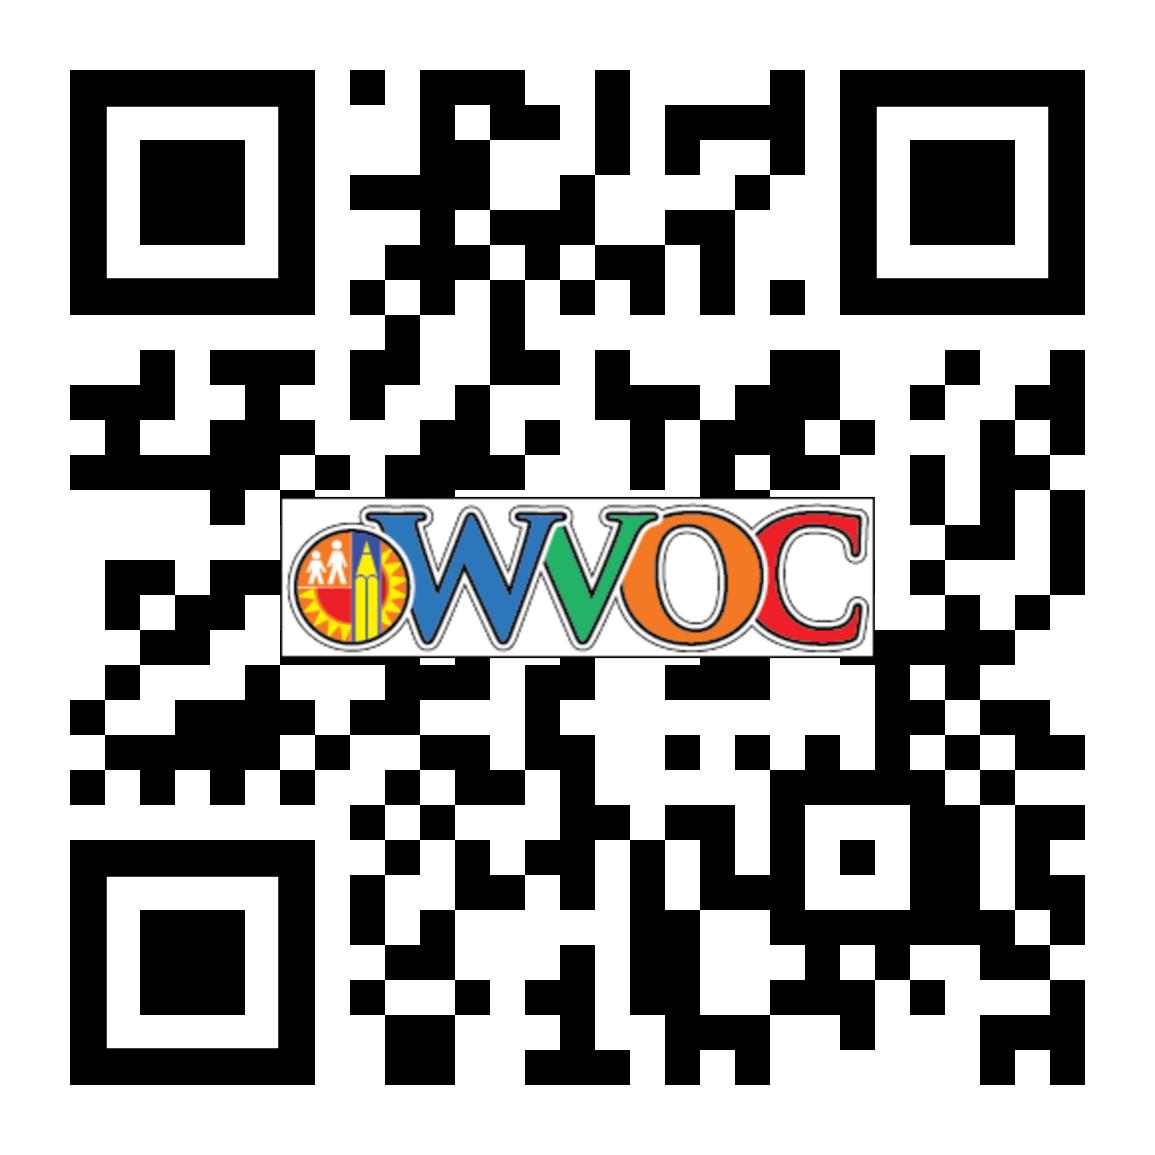 QR Code for WVOCINFO